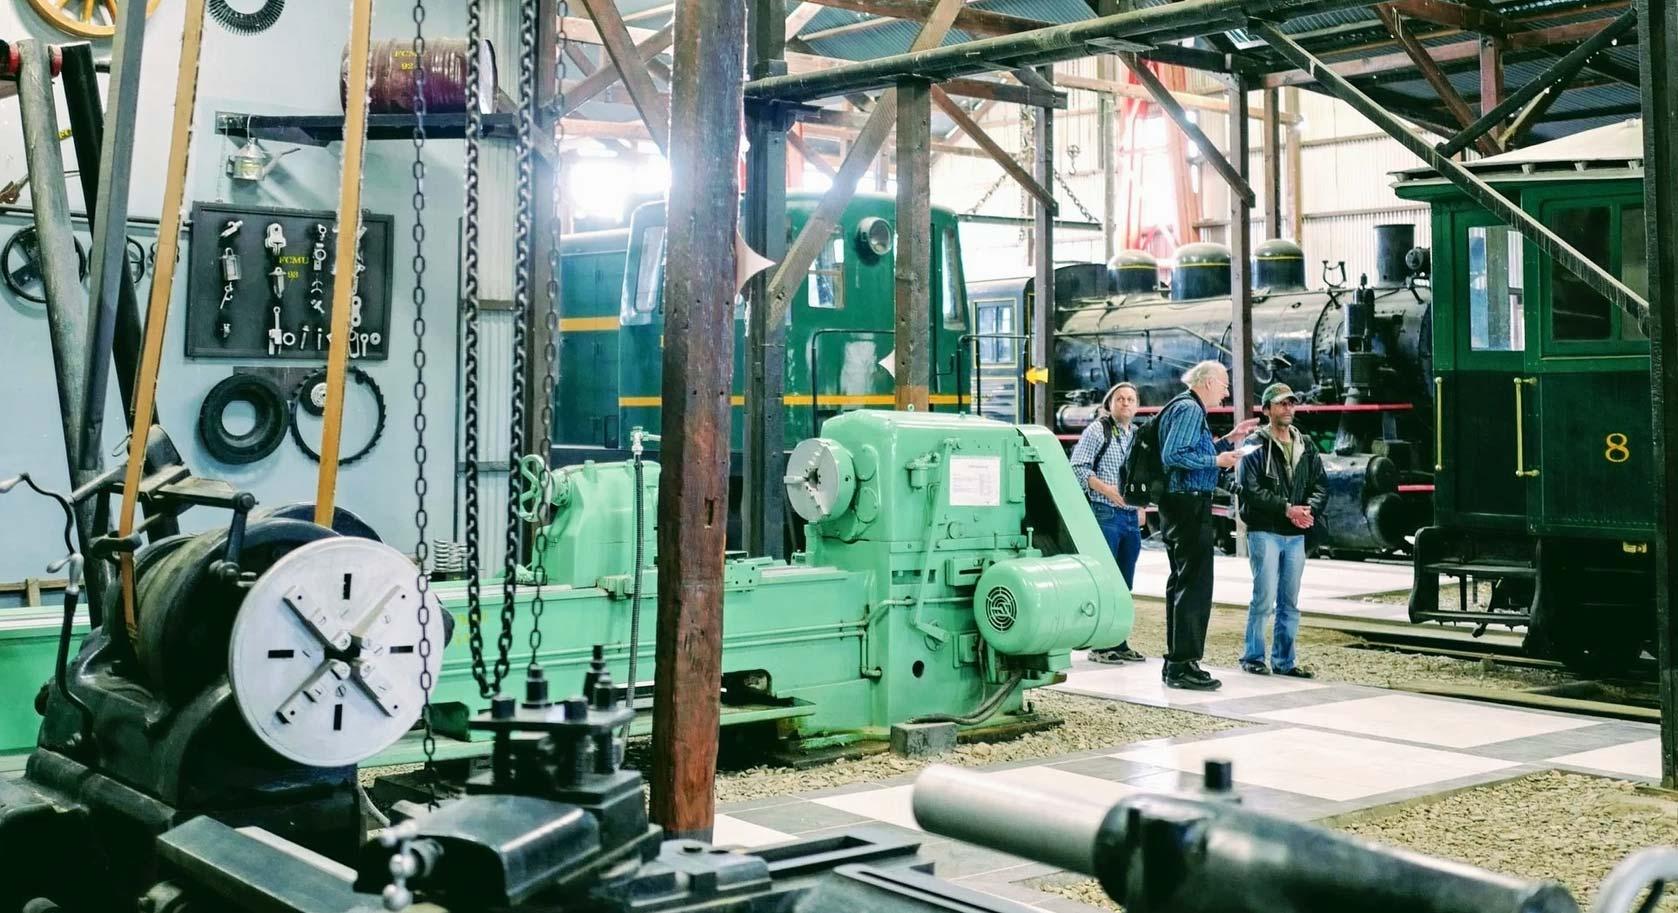 Inside the Railway Museum Machacamarca